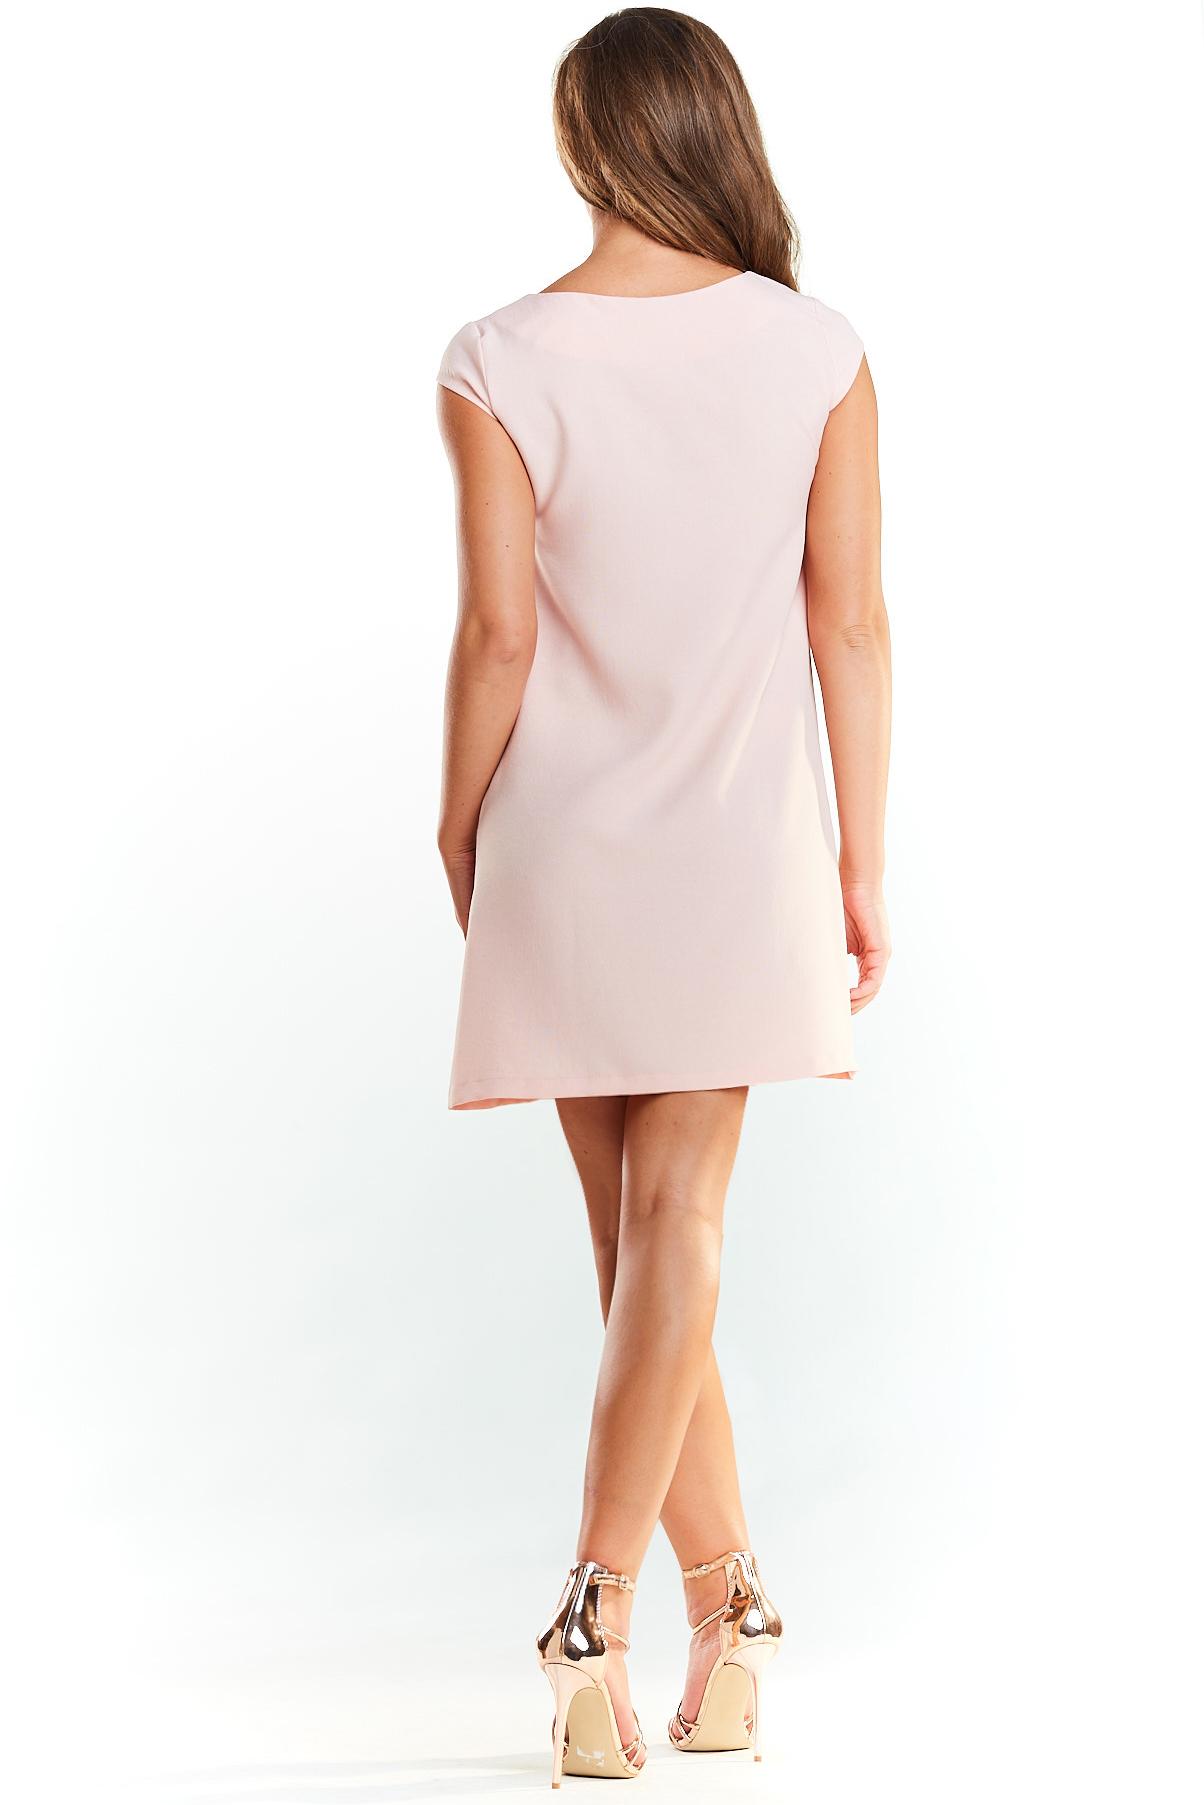 CM3972 Klasyczna sukienka mini bez rękawów - pudrowy róż